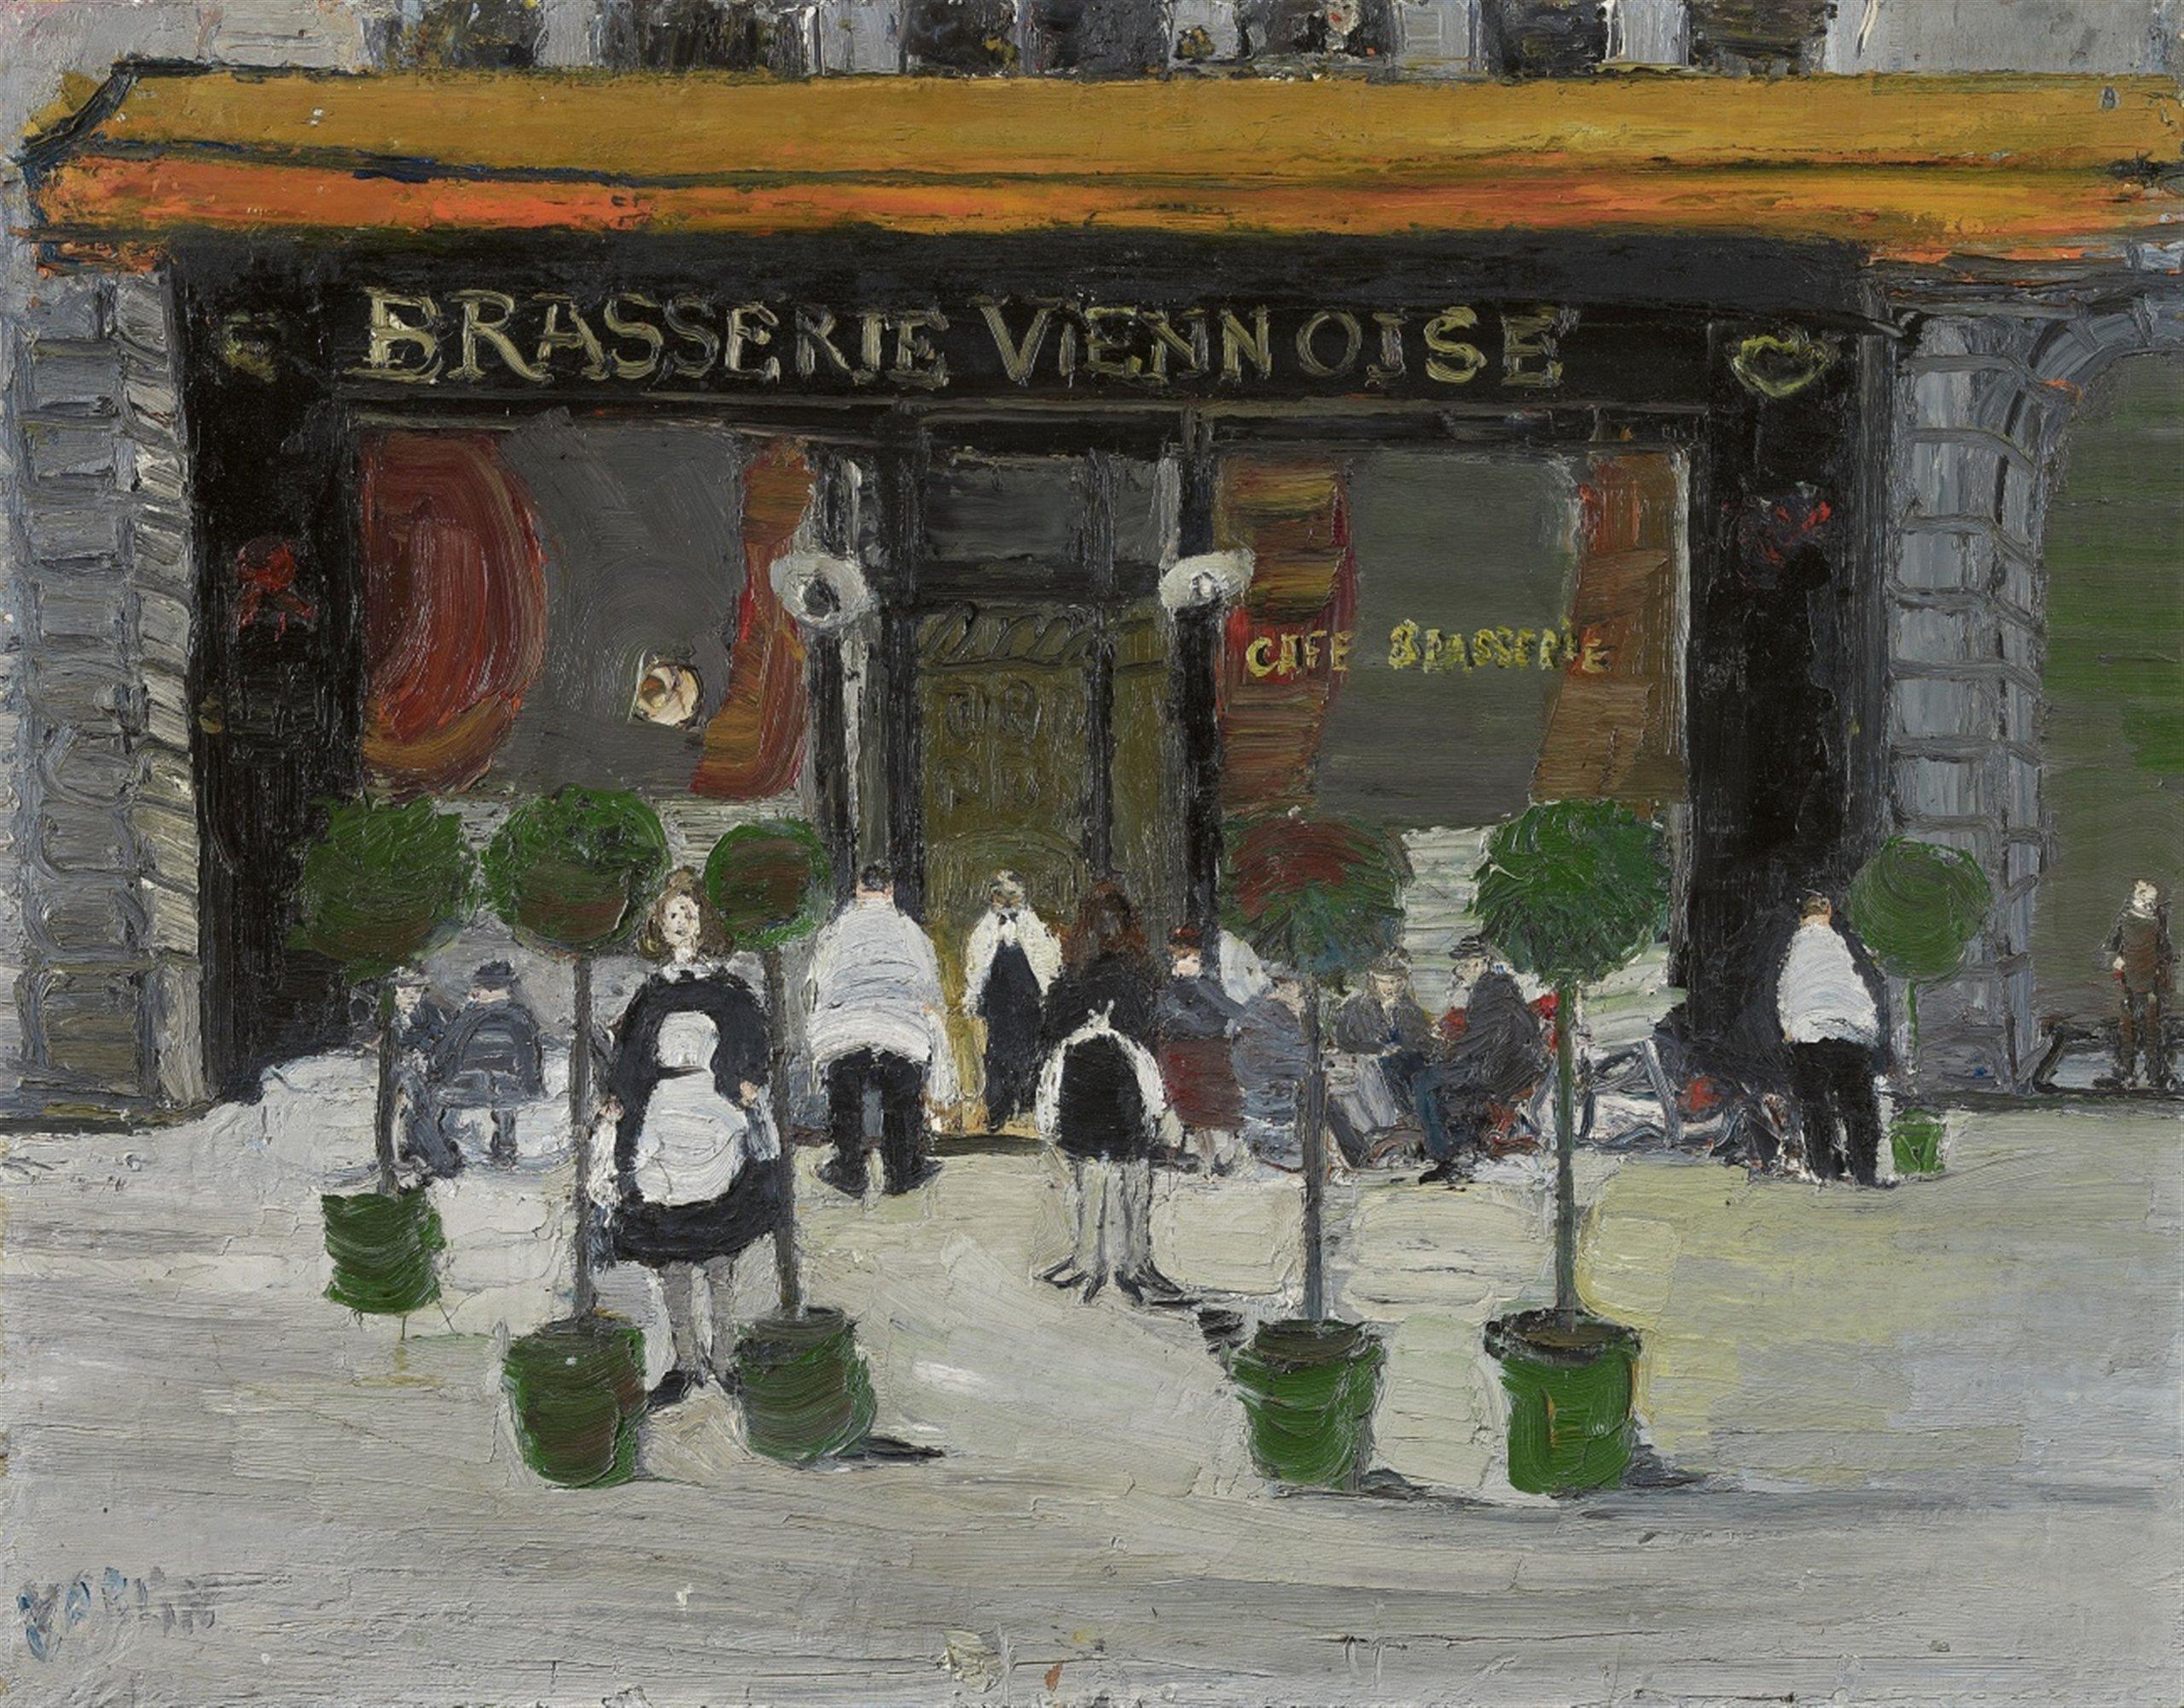 csm_Lempertz-1099-334-Modern-Art-Varlin-Willy-Guggenheim-Brasserie-Viennoise_990c615c8a